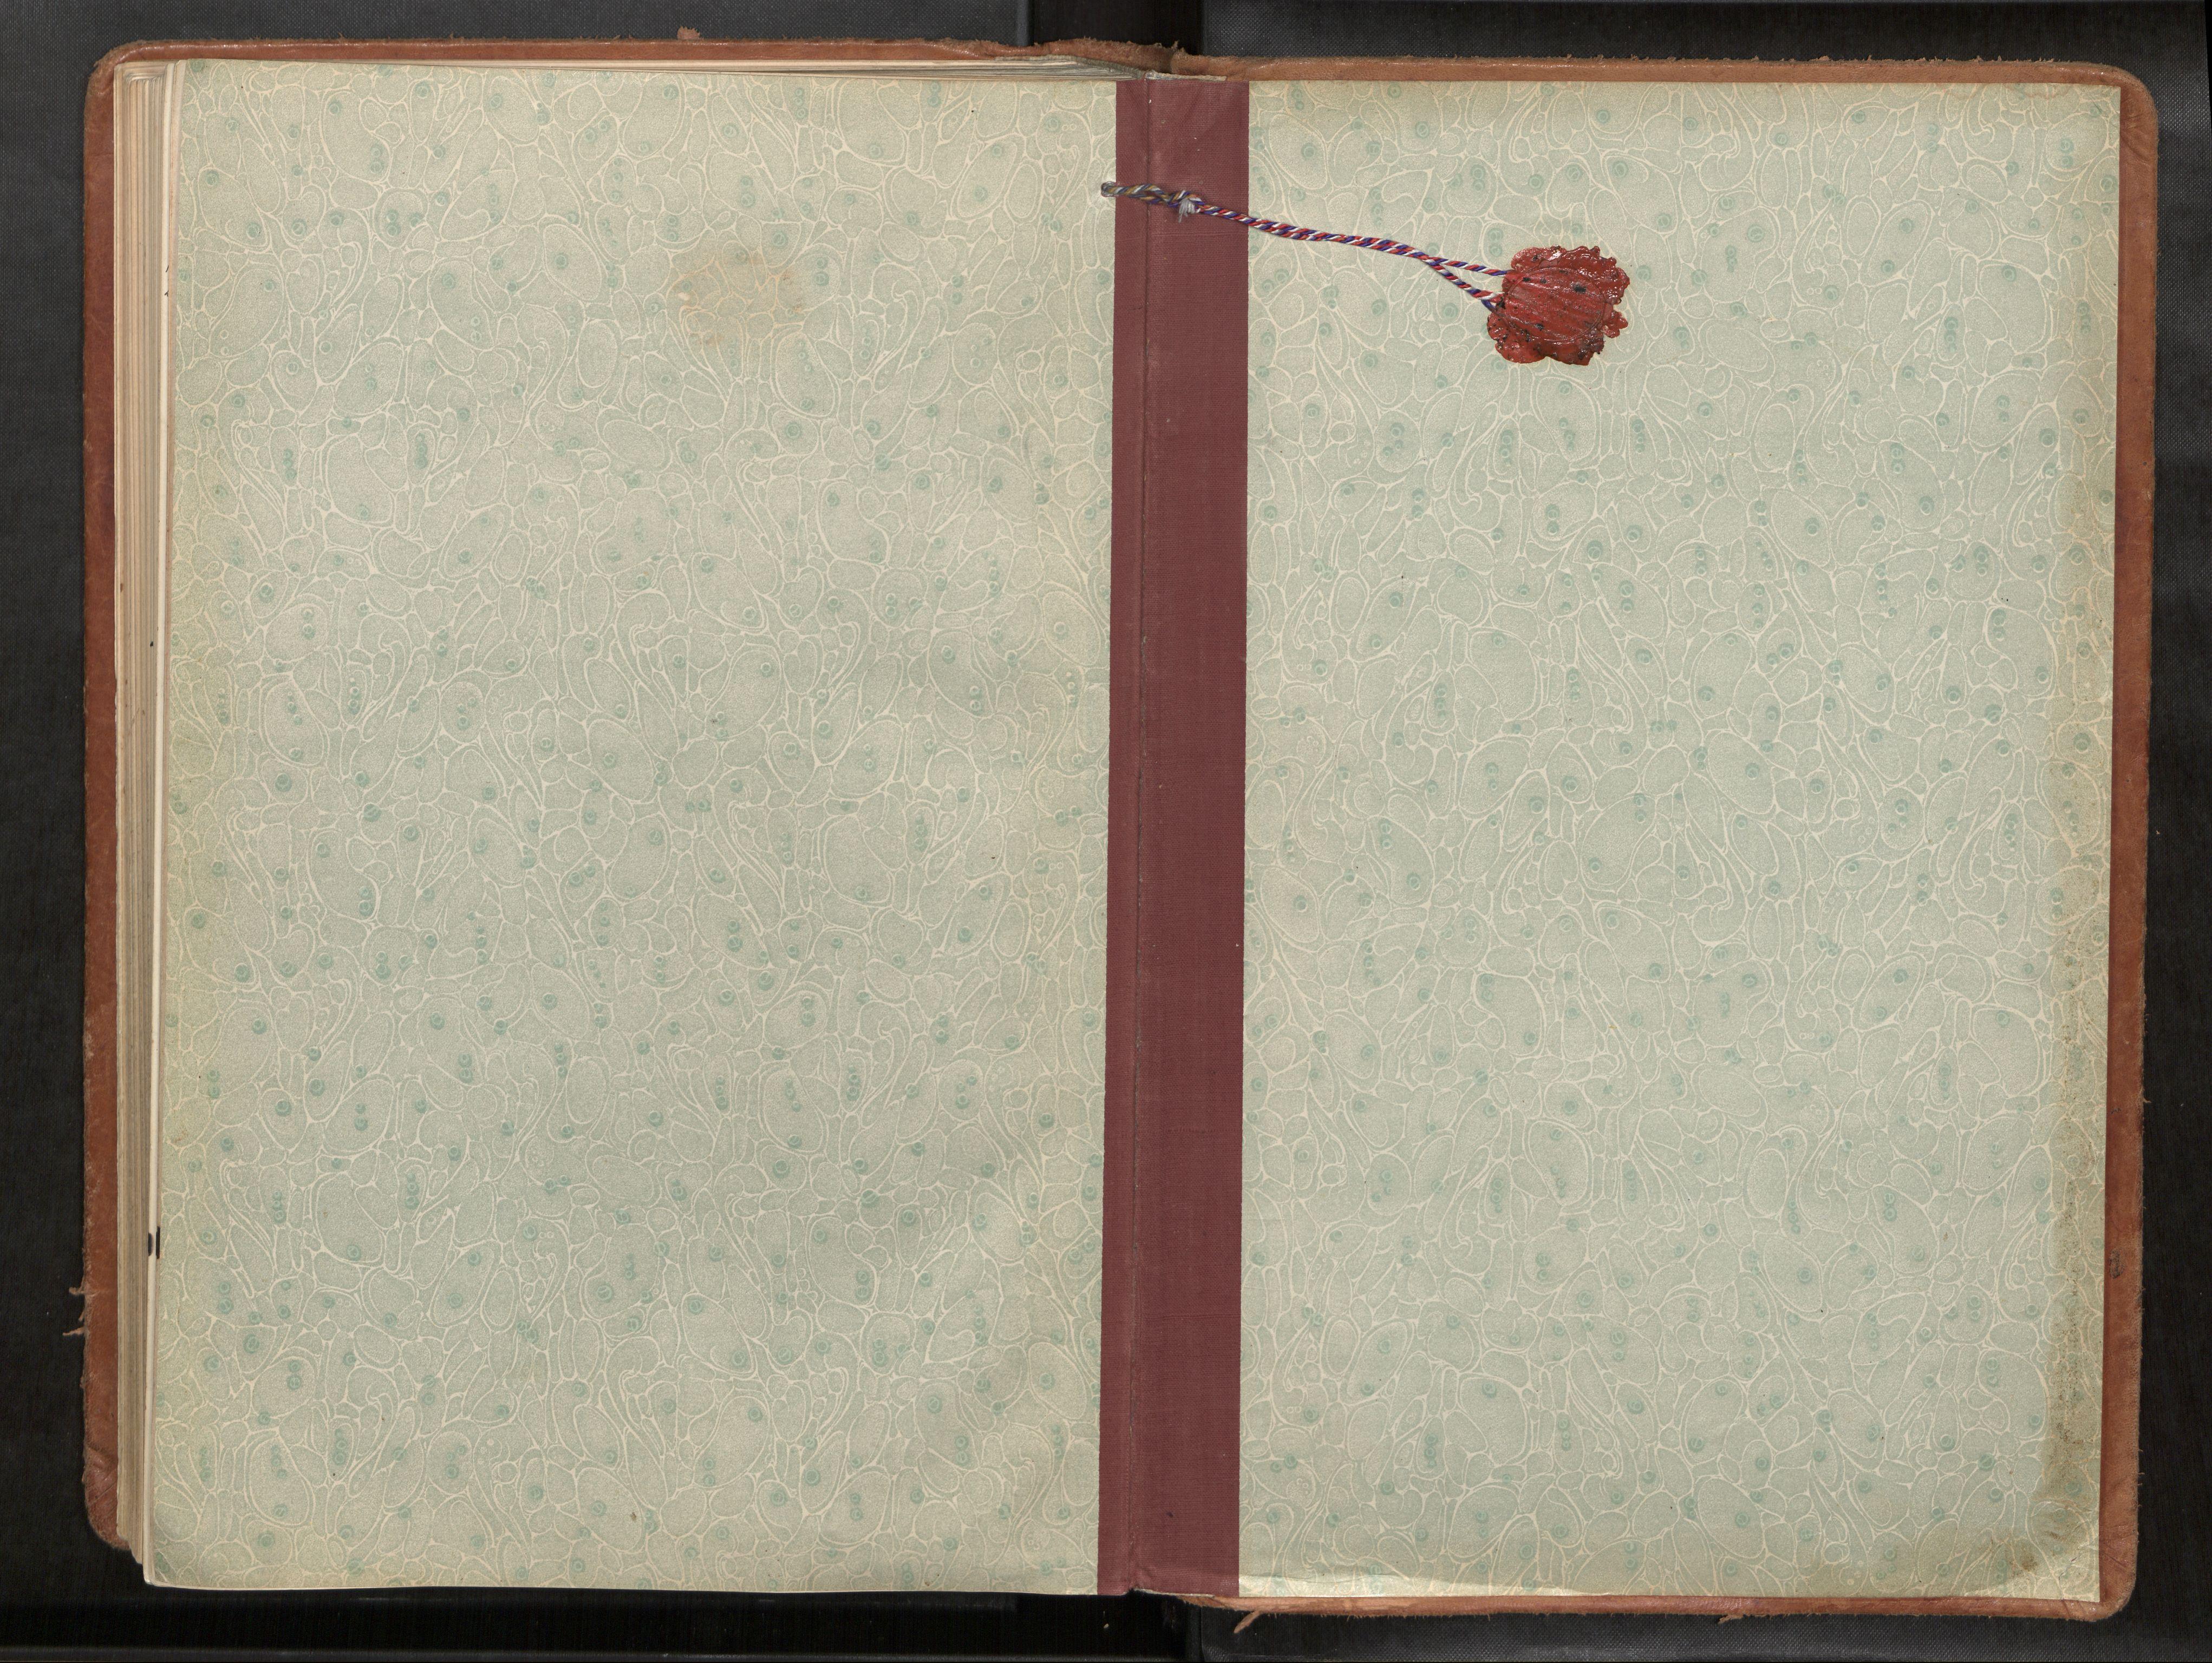 SAT, Verdal sokneprestkontor*, Ministerialbok nr. 1, 1916-1928